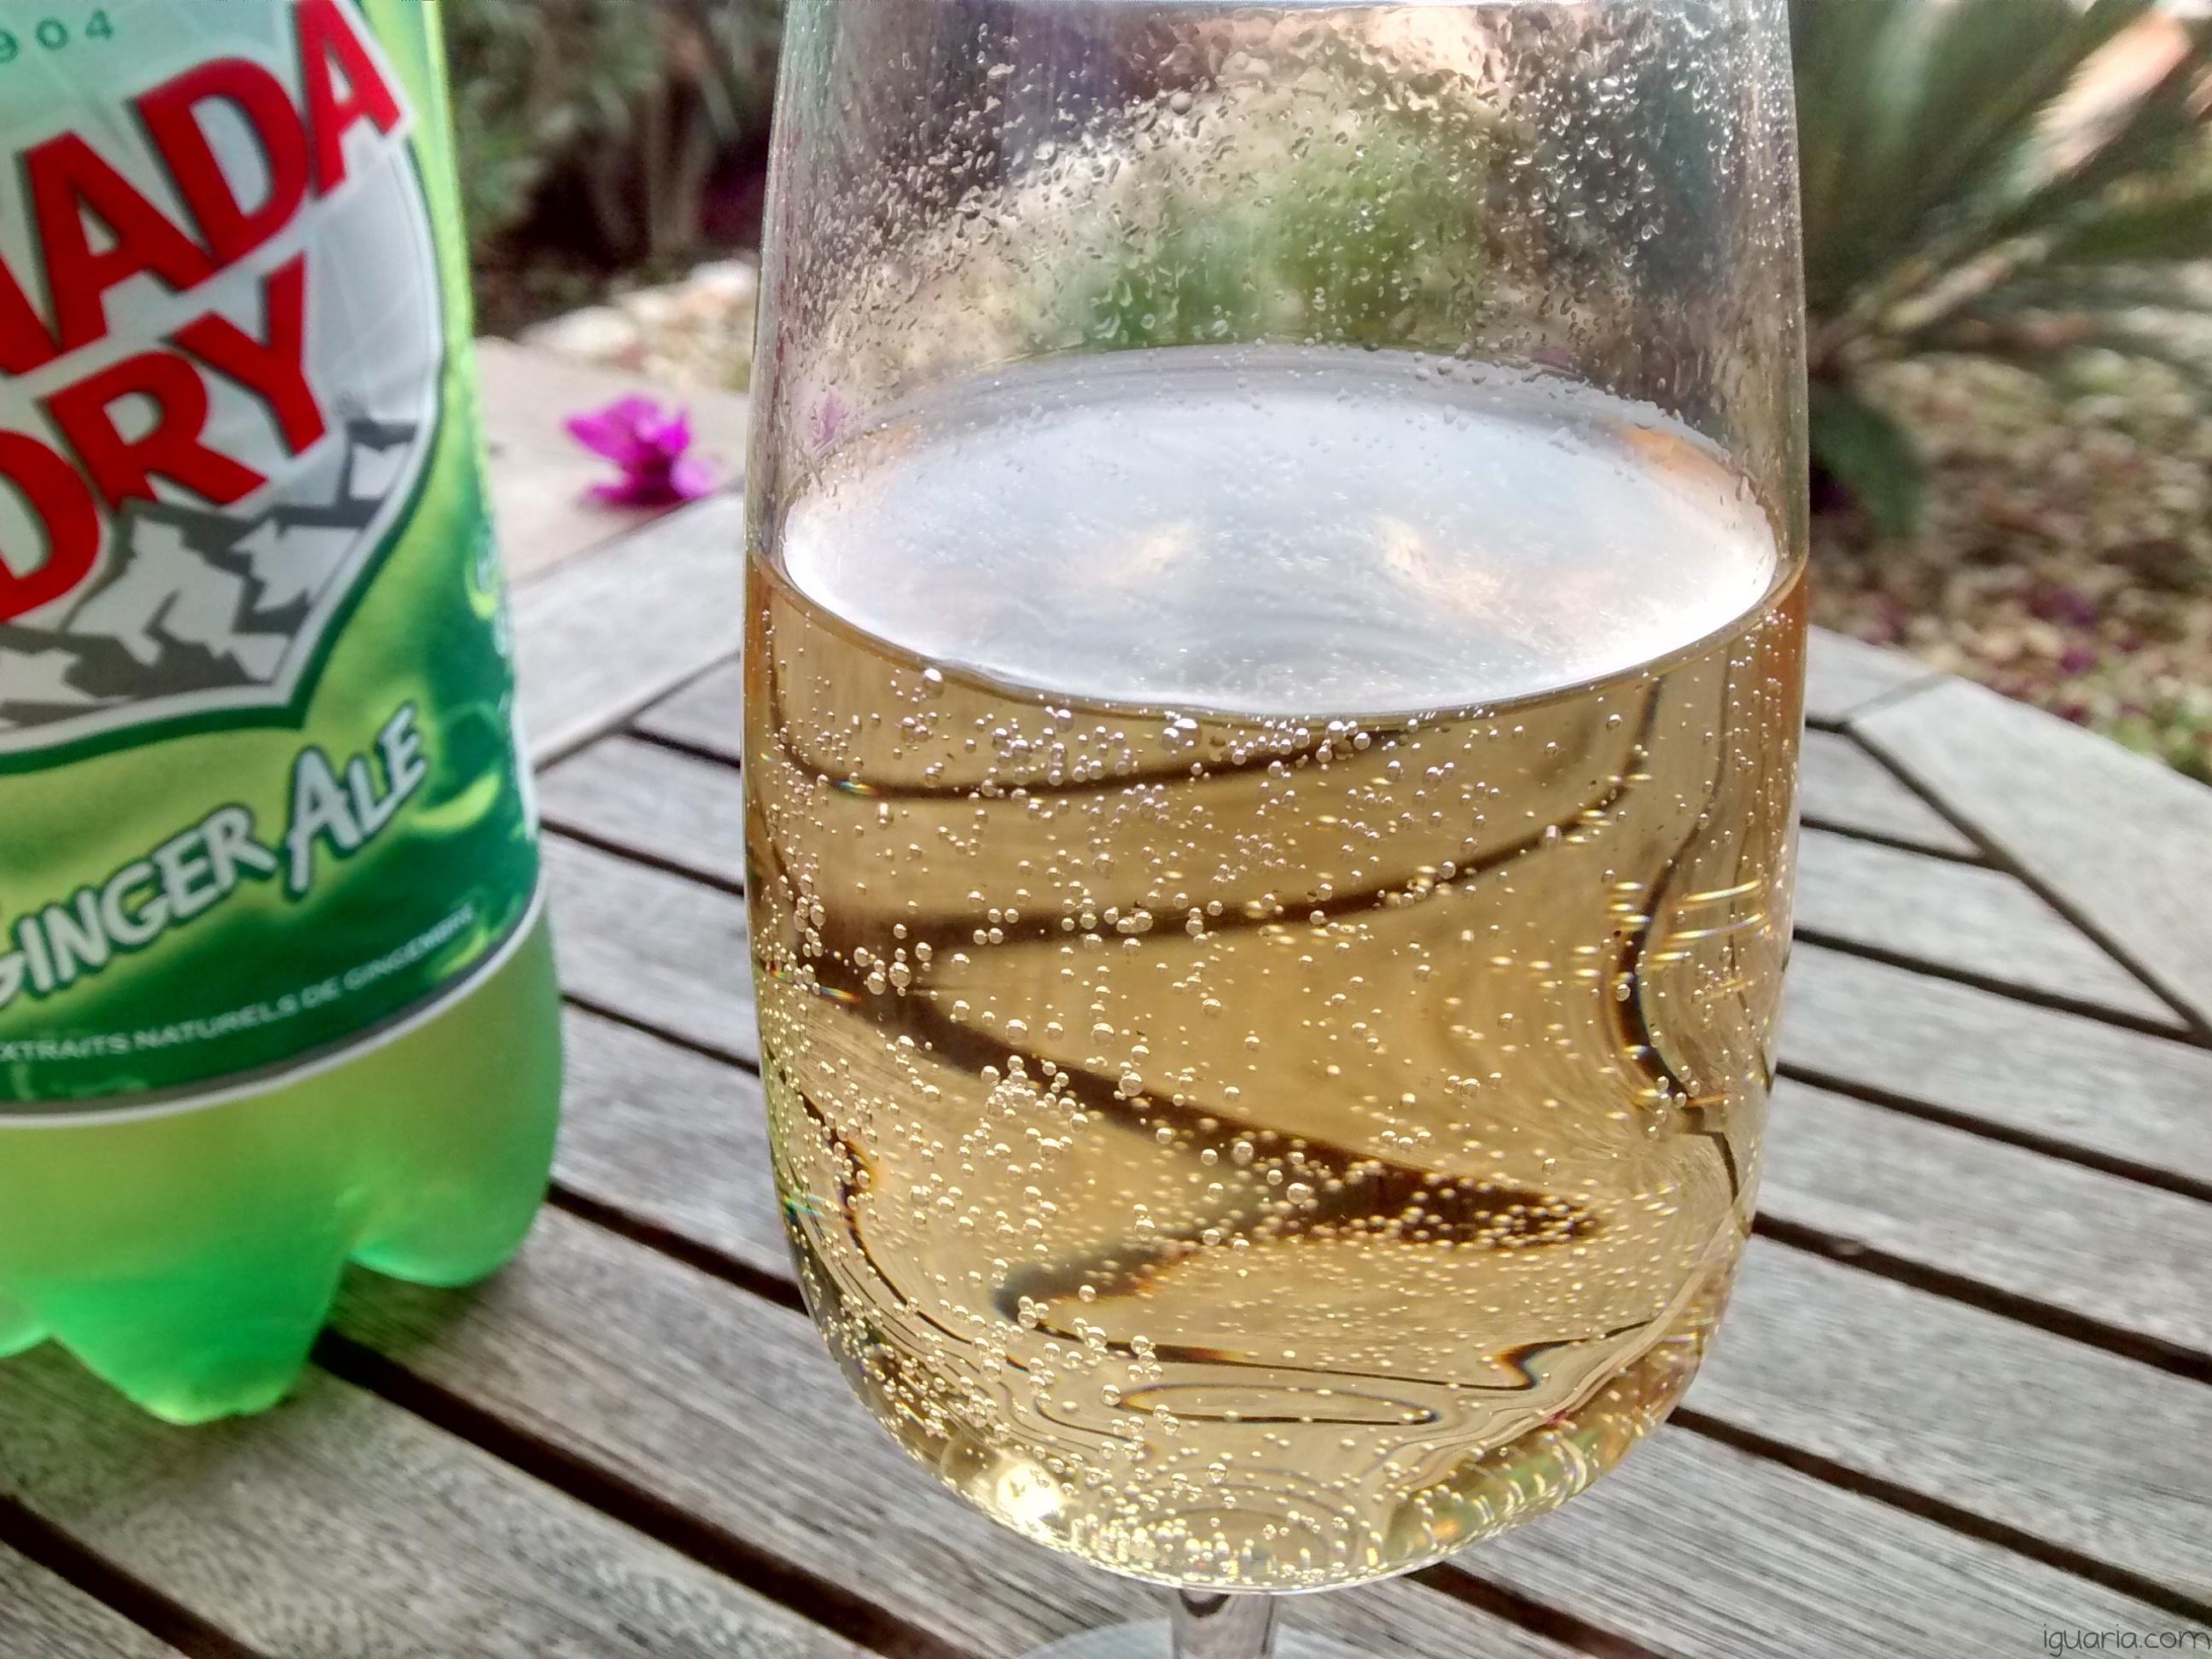 Iguaria_Copo-Canada-Dry-Ginger-Ale